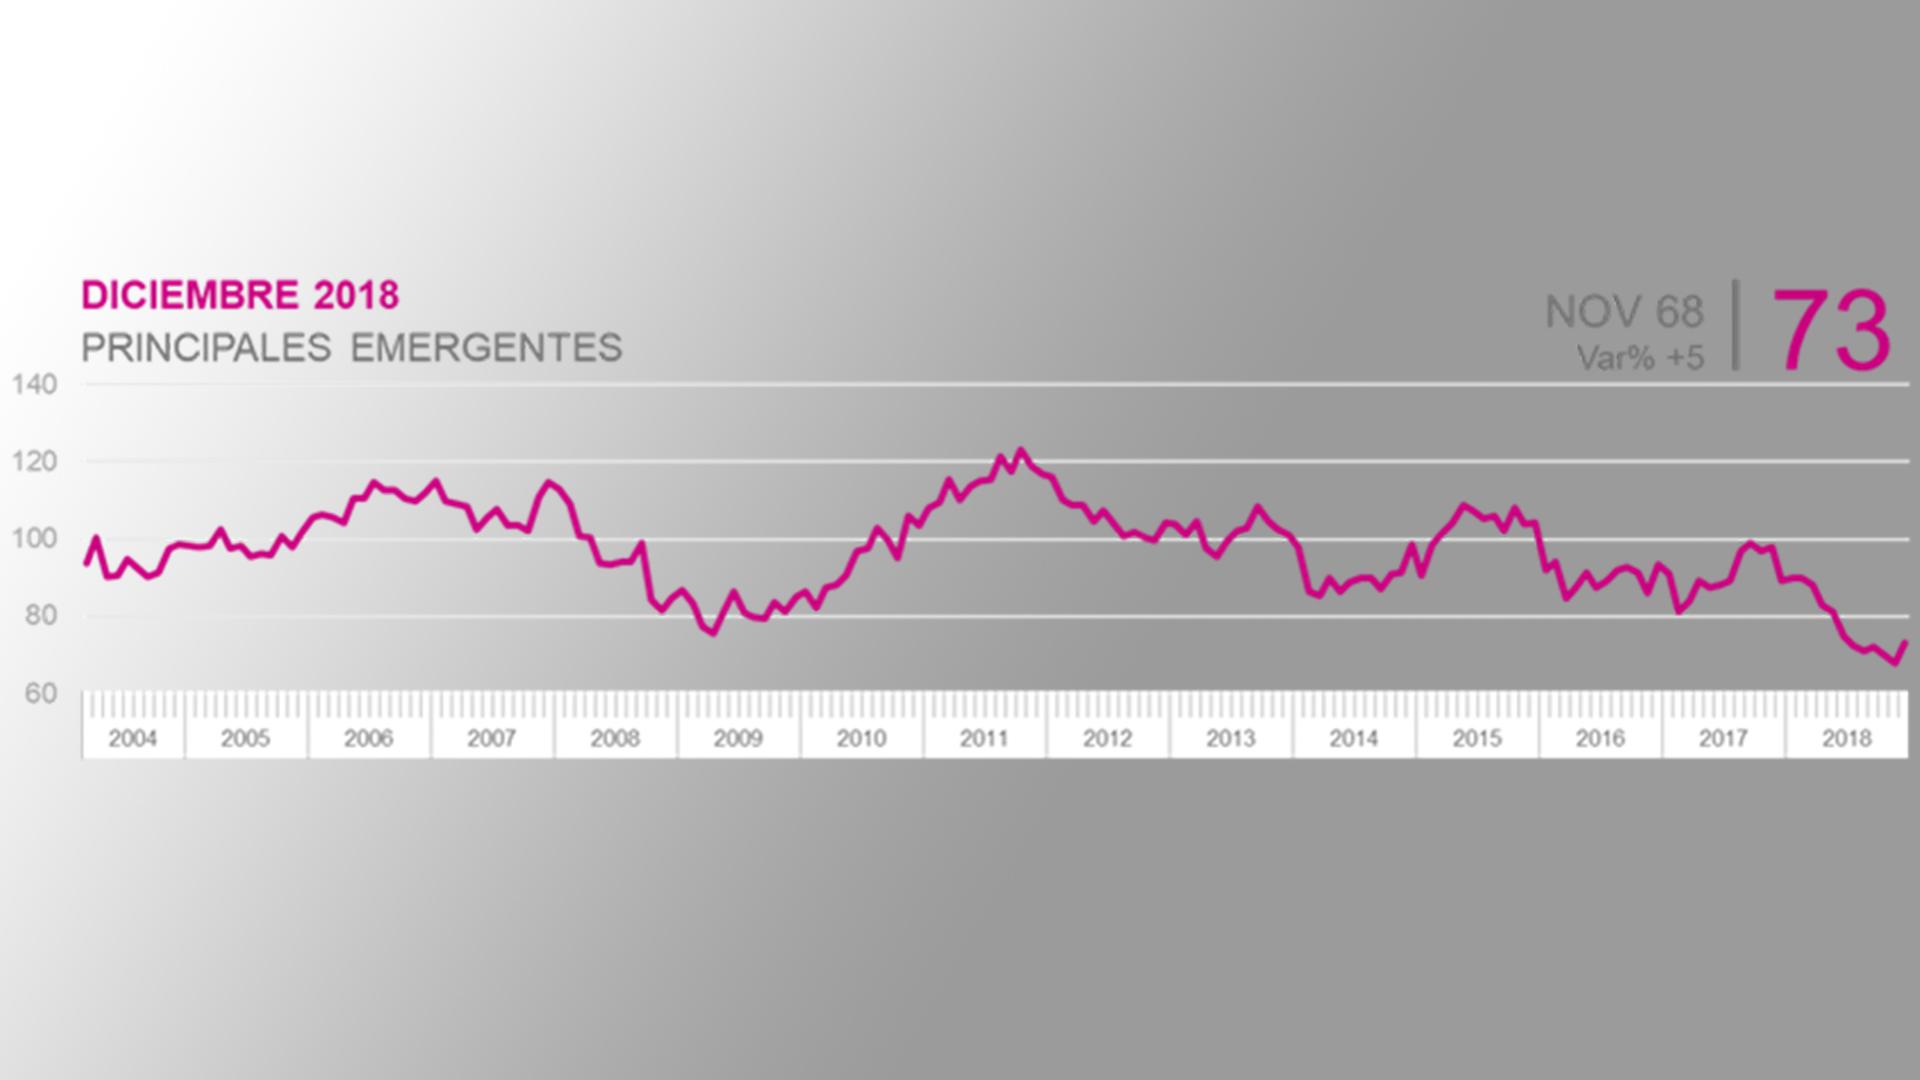 A pesar de una mínima recuperación en diciembre, las expectativas económicas relevadas por Kantar se mantienen en mínimos históricos